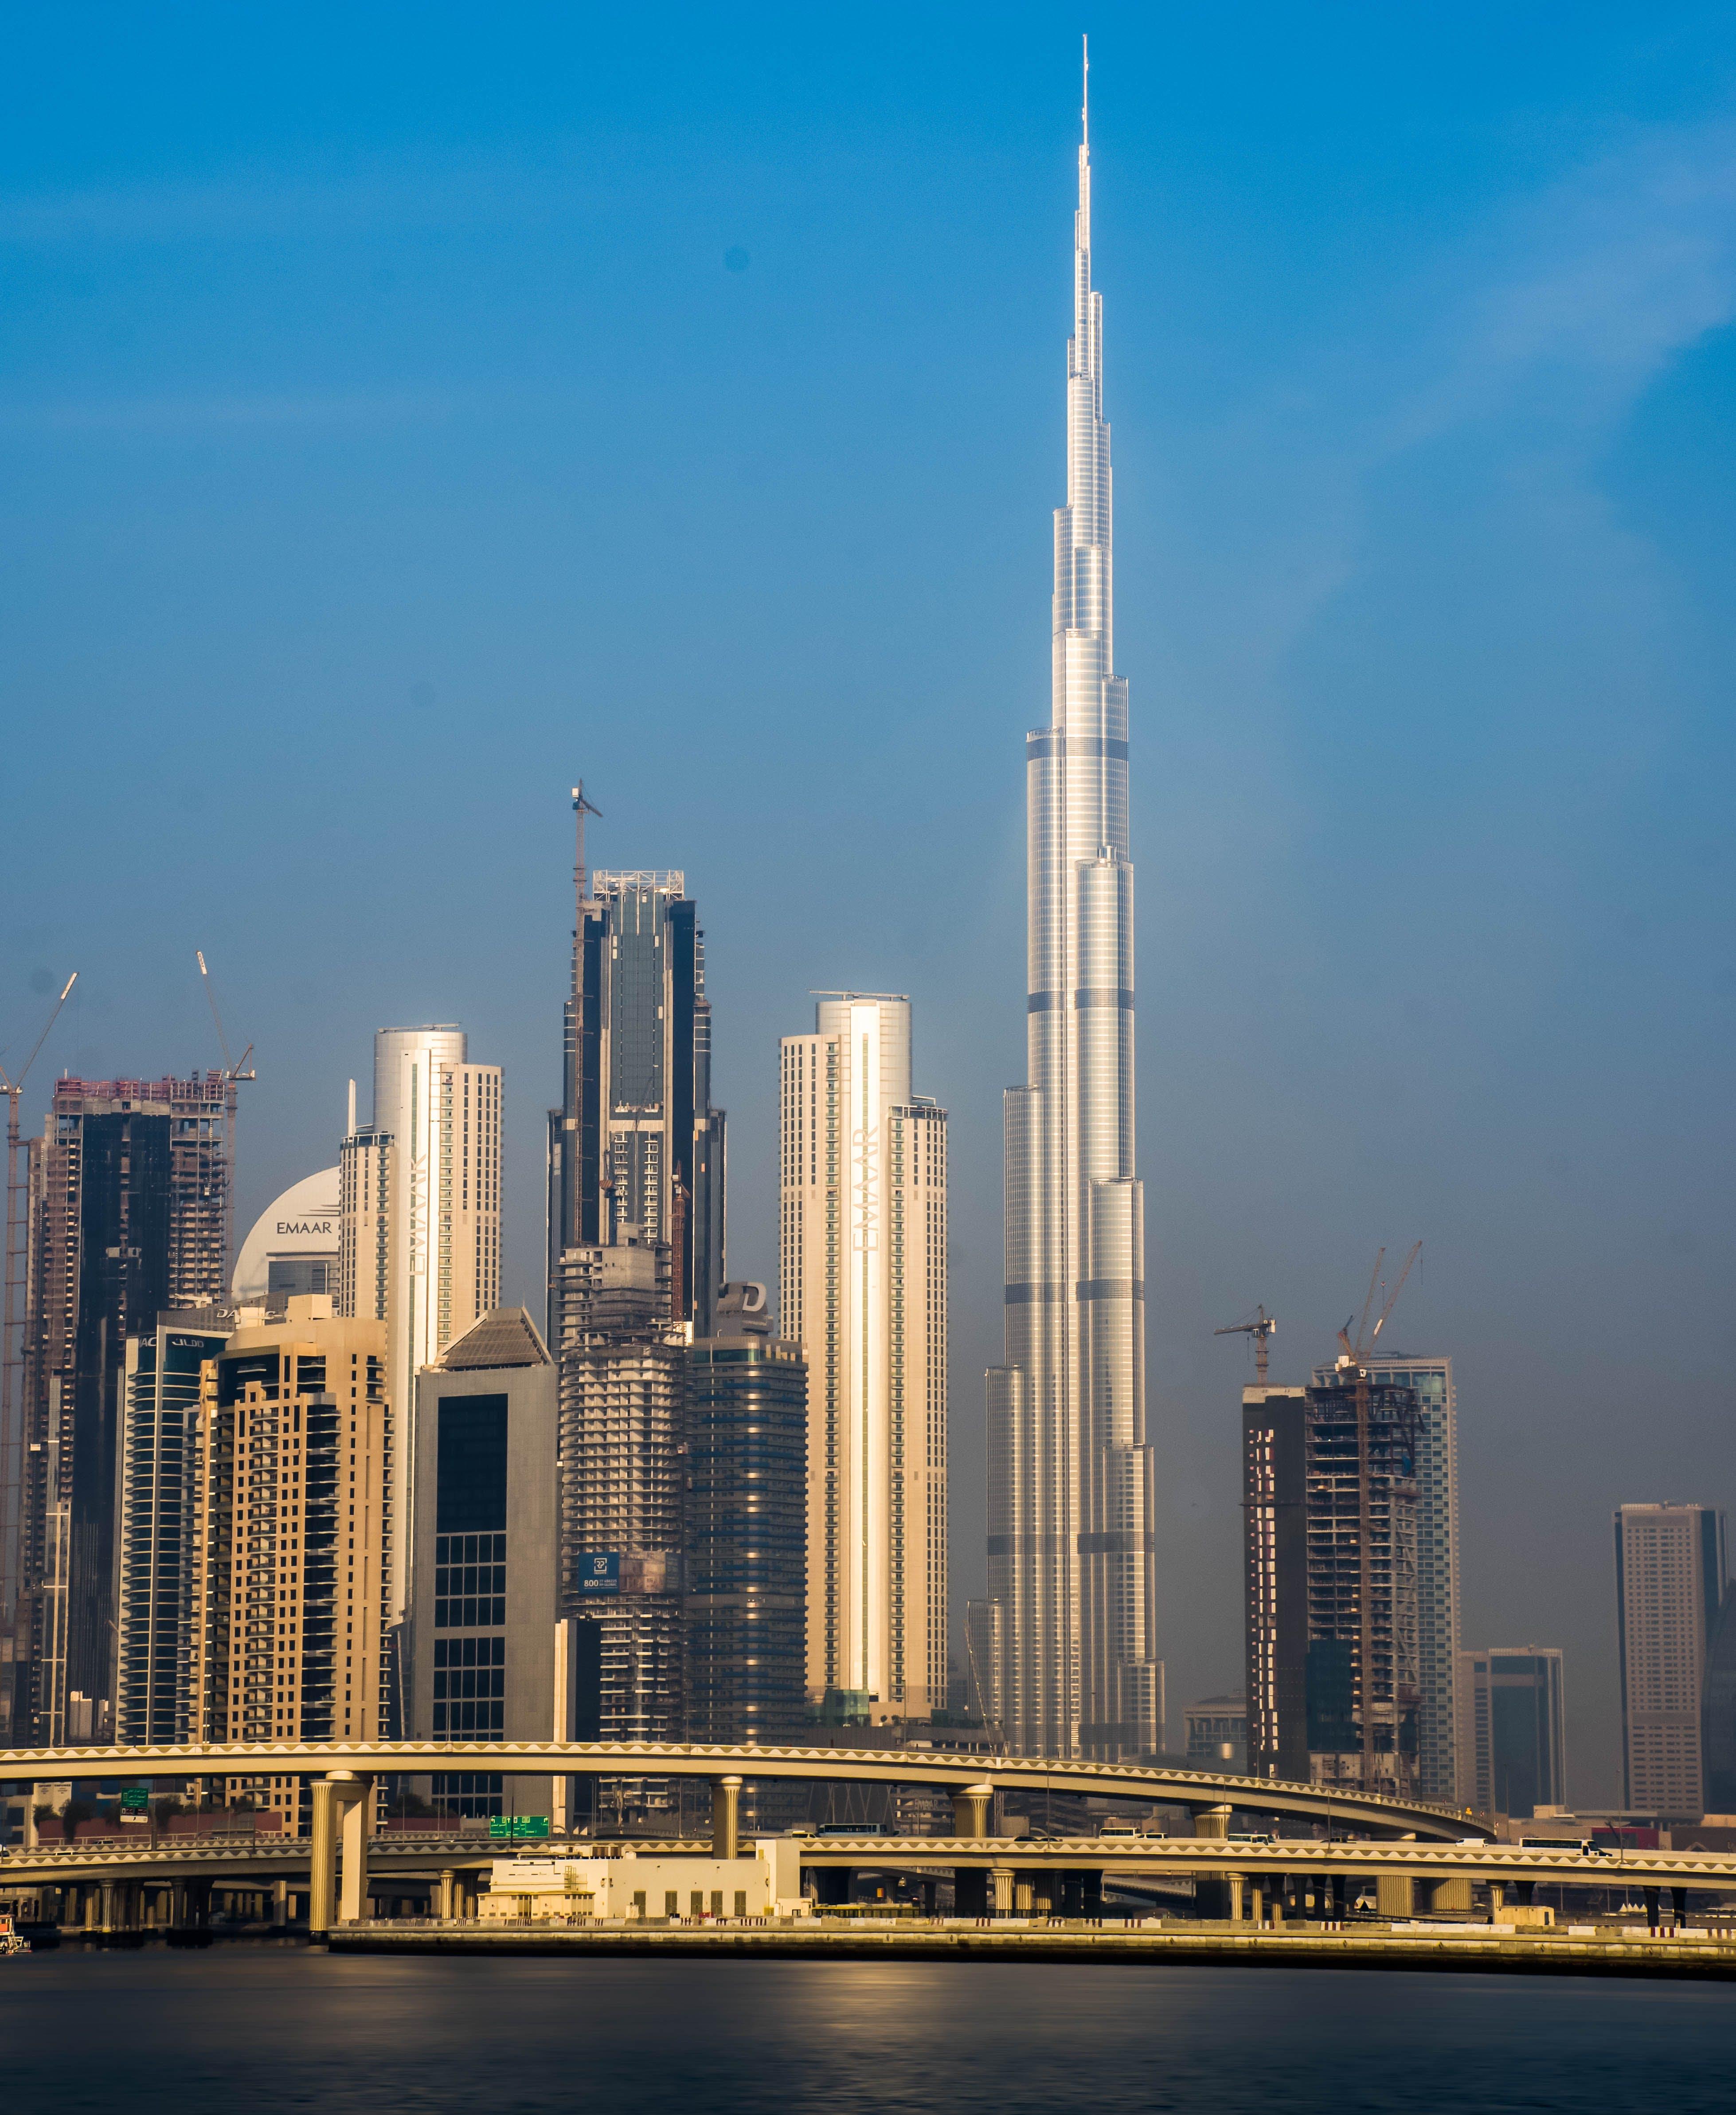 Δωρεάν στοκ φωτογραφιών με burj khalifa, dubai, nikon, uae